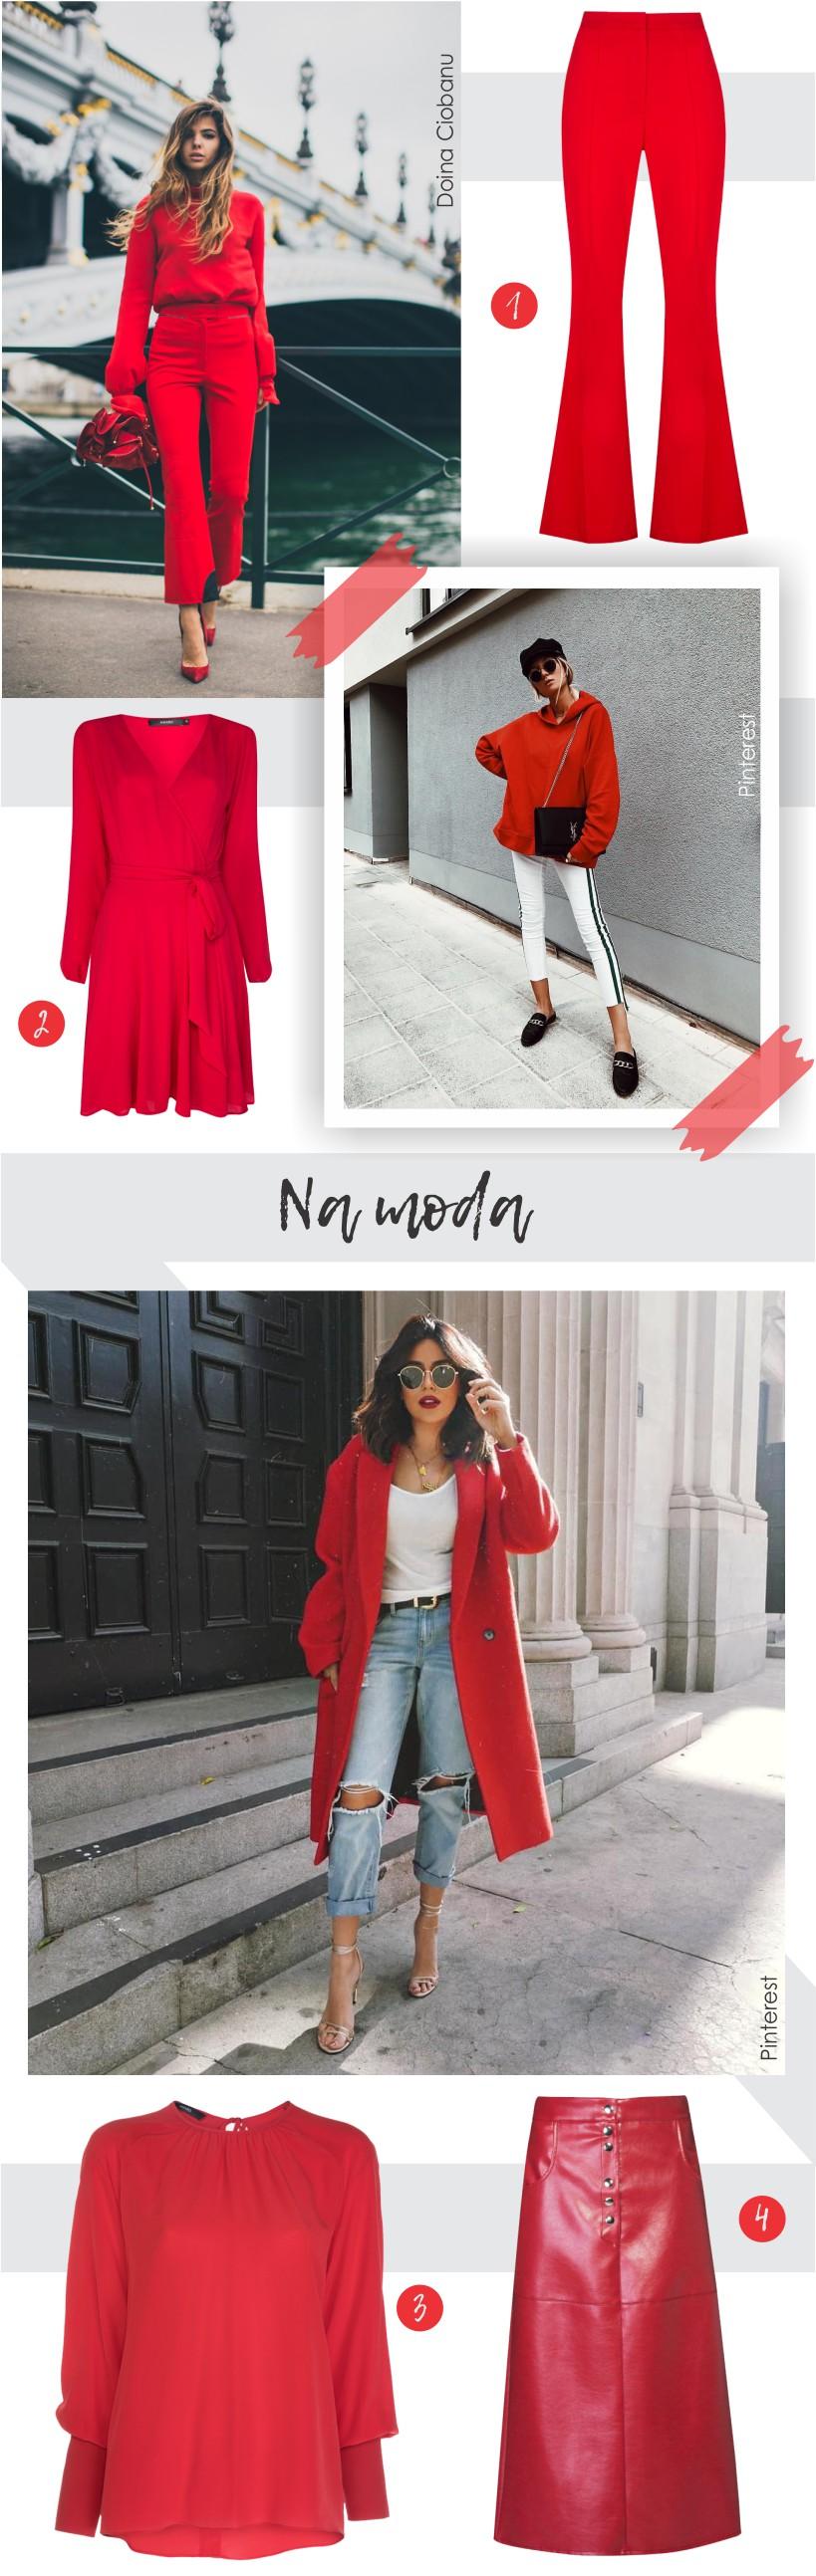 Vermelho no street style ao redor do mundo.